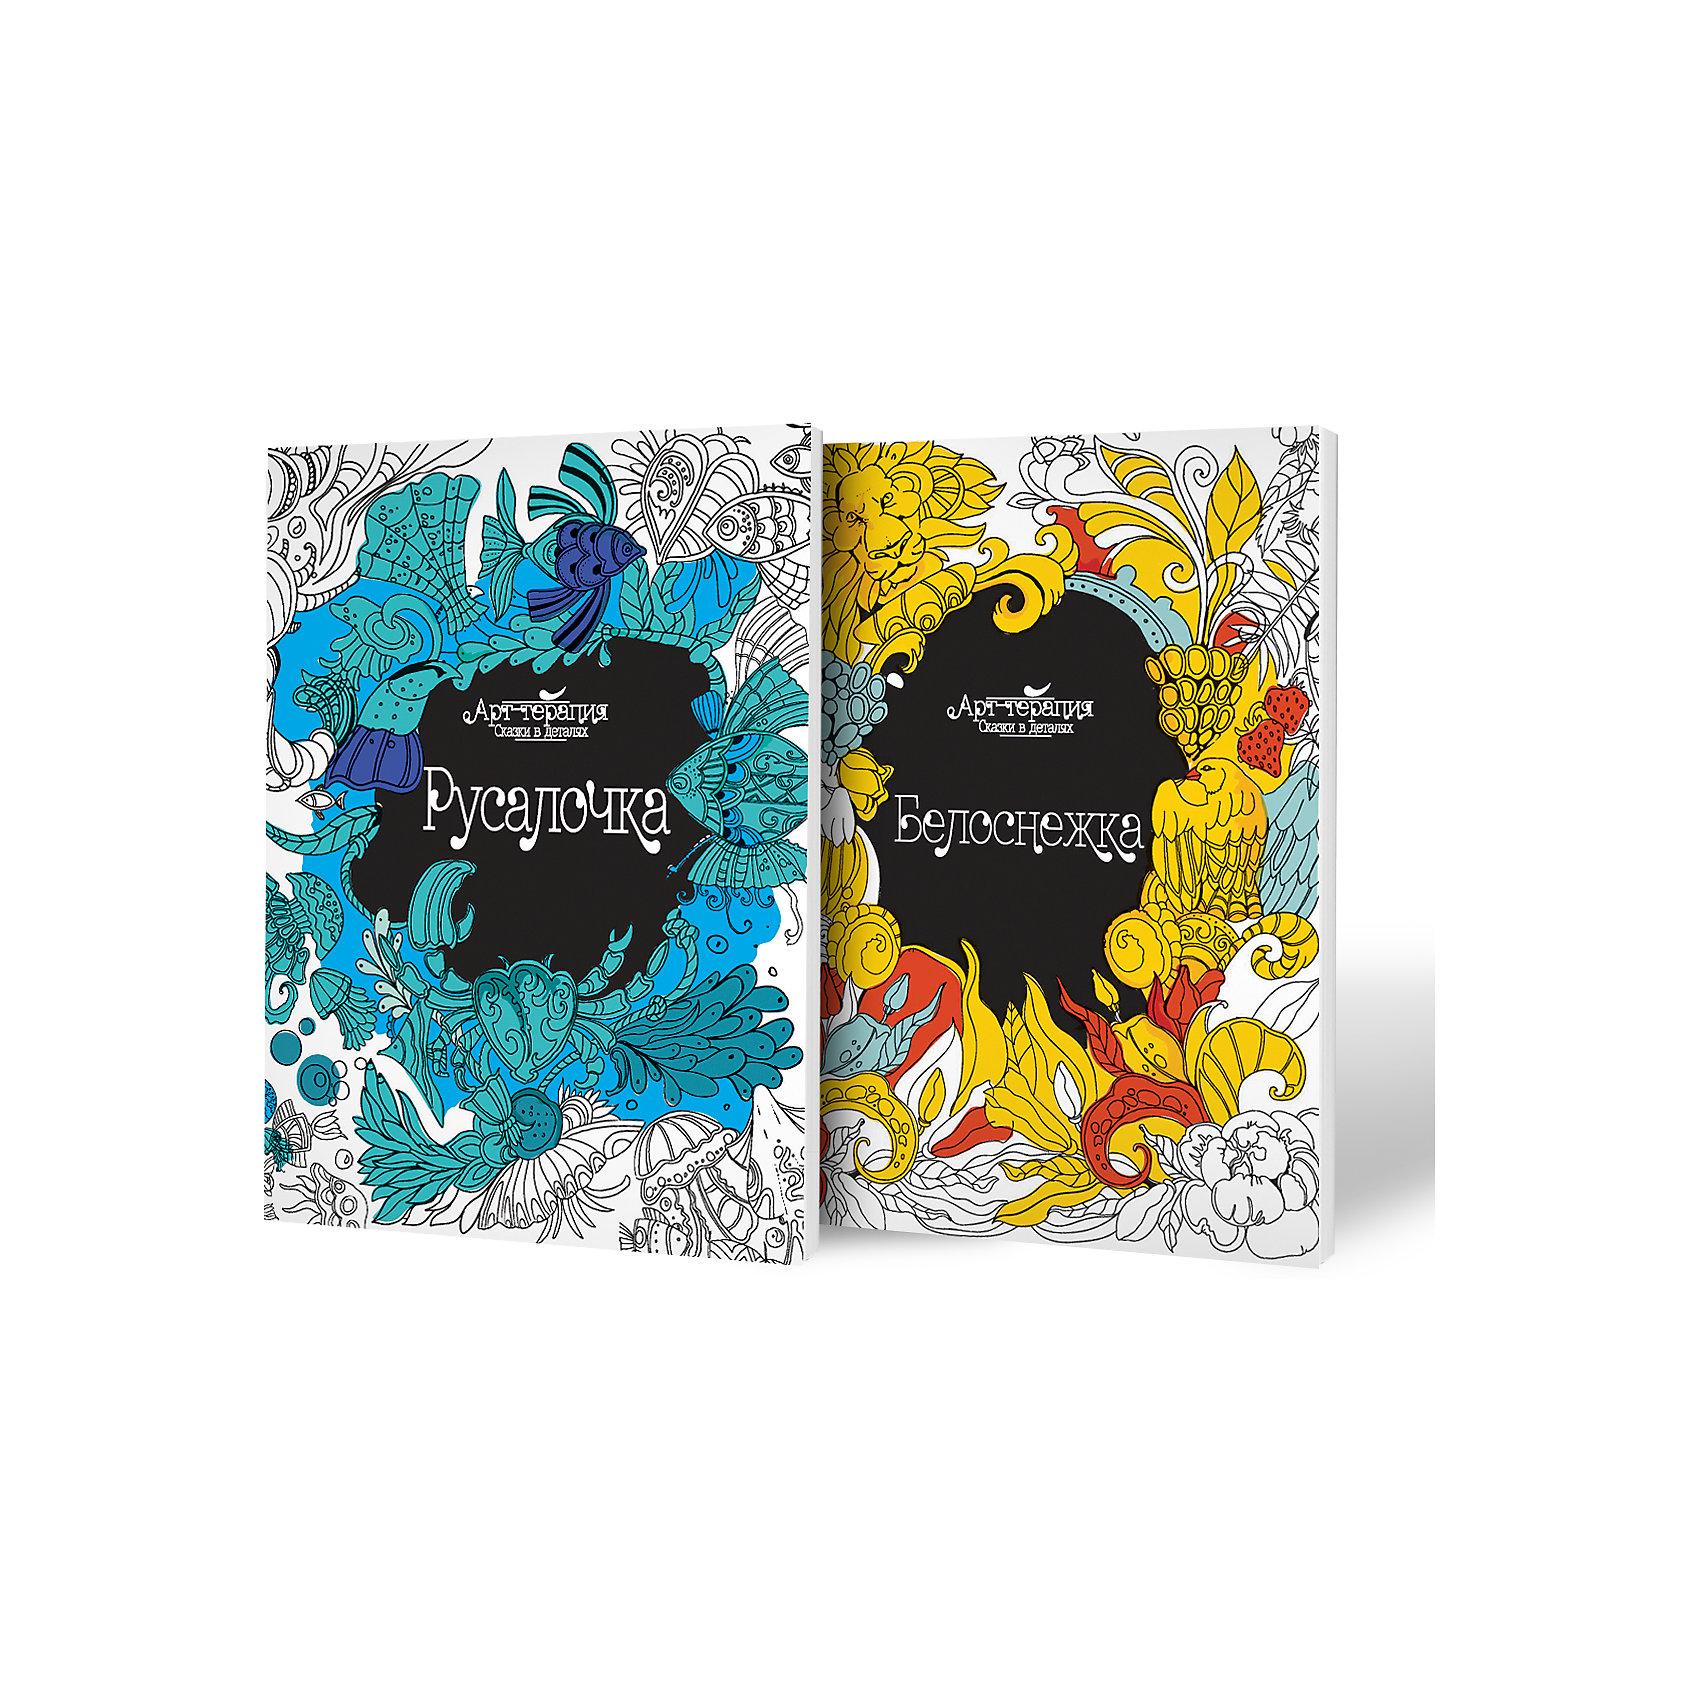 Комплект из двух раскрасок-антистресс Белоснежка+ русалочкаРаскраски-антистресс<br>Характеристики:<br><br>• ISBN: 978-5-222-26949-7;<br>• ISBN: 978-5-222-26948-0;<br>• возраст: от 6 лет;<br>• формат: 84х108/16;<br>• бумага: офсет;<br>• тип обложки: мягкий переплет (крепление скрепкой или клеем);<br>• иллюстрации: черно-белые;<br>• серия: Арт-терапия. Сказки в деталях;<br>• издательство: Феникс, 2016 г.;<br>• художник: Рудько Марина;<br>• количество страниц в книге: 16;<br>• размеры книги: 26х20х0,2 см;<br>• масса книги: 66 г.<br><br>В набор входит 2 книжки: <br><br>• «Белоснежка (арт-терапия)»;<br>• «Русалочка (арт-терапия)».<br><br>Необычные раскраски по мотивам известных сказок увлекут не только детей, но и взрослых. Тщательно проработанные детали и орнаменты позволяют создать красочную иллюстрацию.<br><br>Рисунки можно использовать как эскизы для создания панно или вышивки.<br><br>Набор книг «Белоснежка + Русалочка», Рудько Марина, Феникс, можно купить в нашем интернет-магазине.<br><br>Ширина мм: 259<br>Глубина мм: 200<br>Высота мм: 40<br>Вес г: 384<br>Возраст от месяцев: 72<br>Возраст до месяцев: 2147483647<br>Пол: Унисекс<br>Возраст: Детский<br>SKU: 6873652